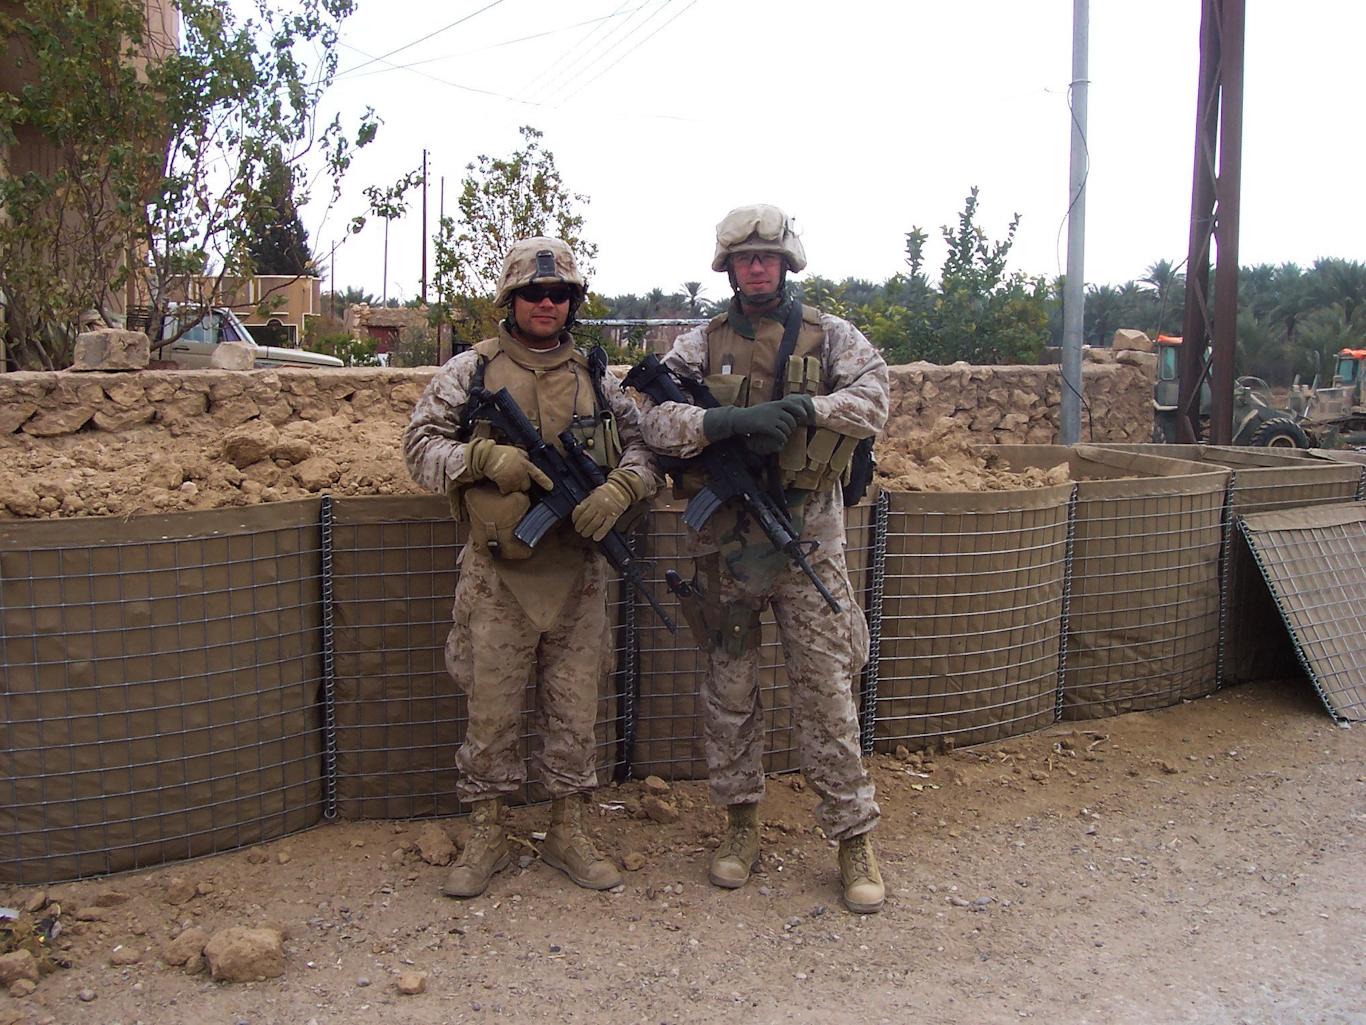 Una foto de Matthew Hoh, derecha, con un comandante de pelotón en Haditha, Iraq, diciembre de 2006. Foto | Matthew Hoh